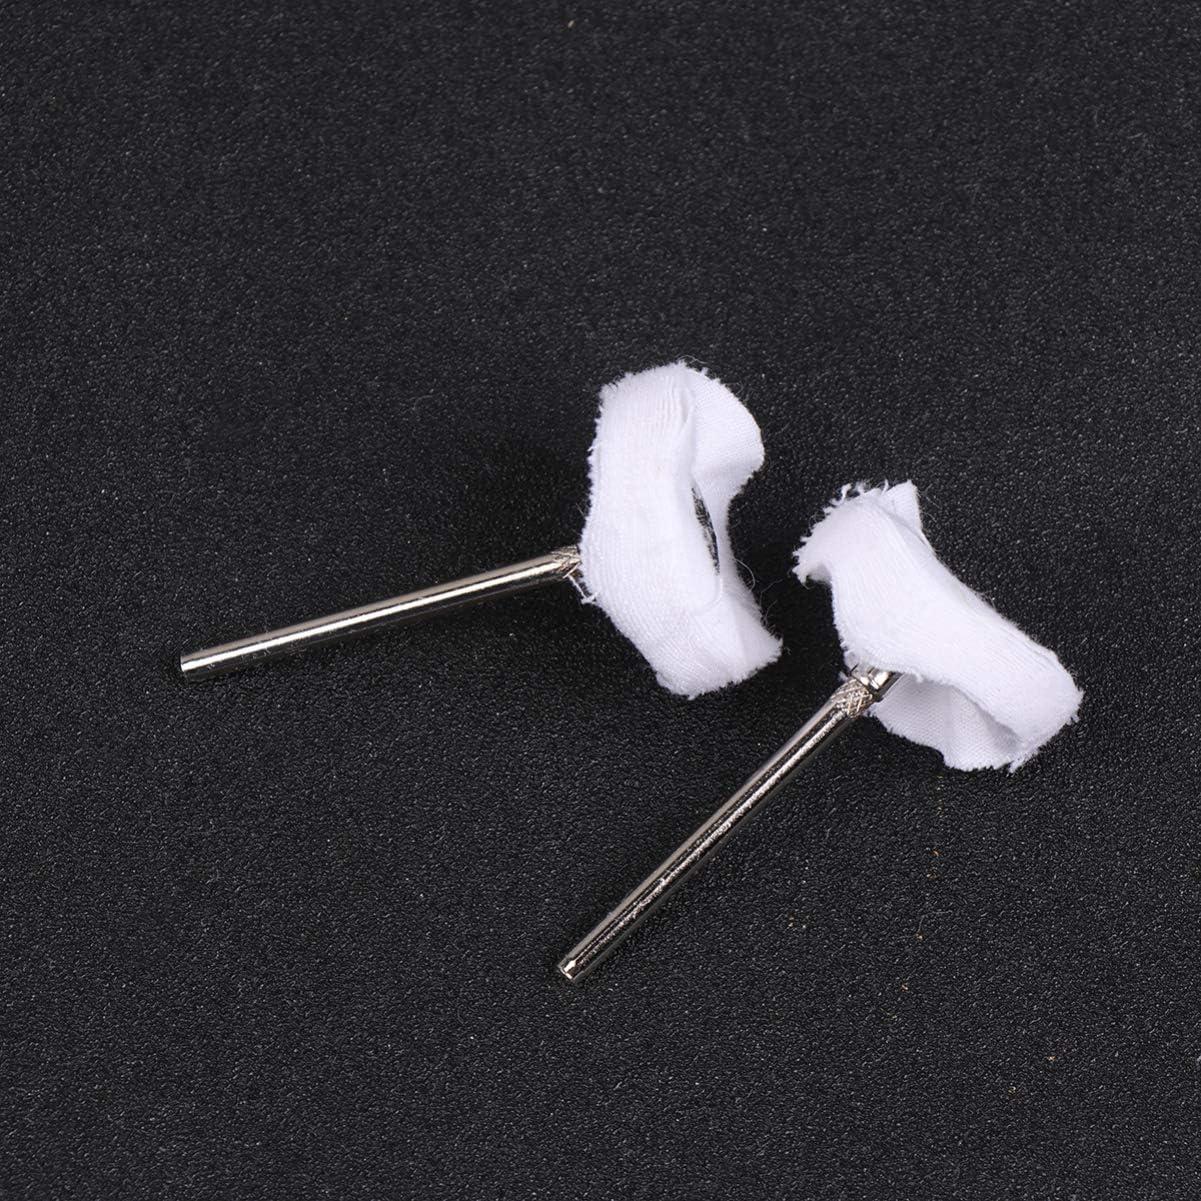 DOITOOL 20 Pcs Mini Polissage Polissage Roue Ensemble Coton Petite Roue Polie pour Outils de Forage Rotatif Accessoires Blanc